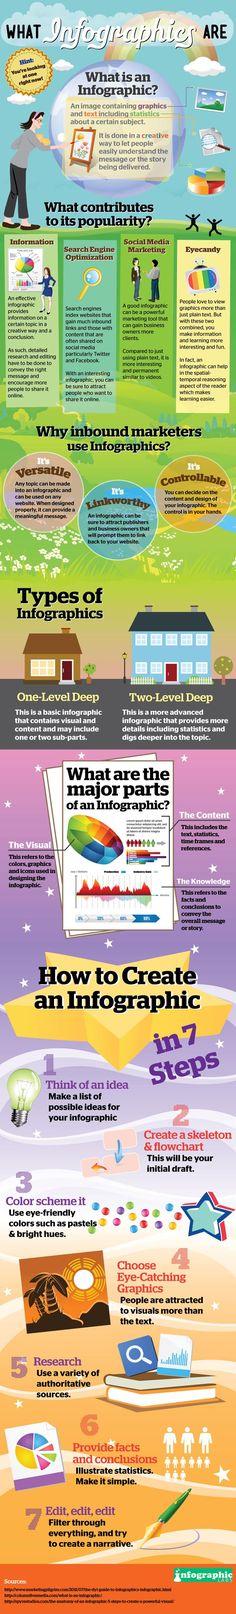 #Infographie : Pourquoi les infographies sont populaires ?